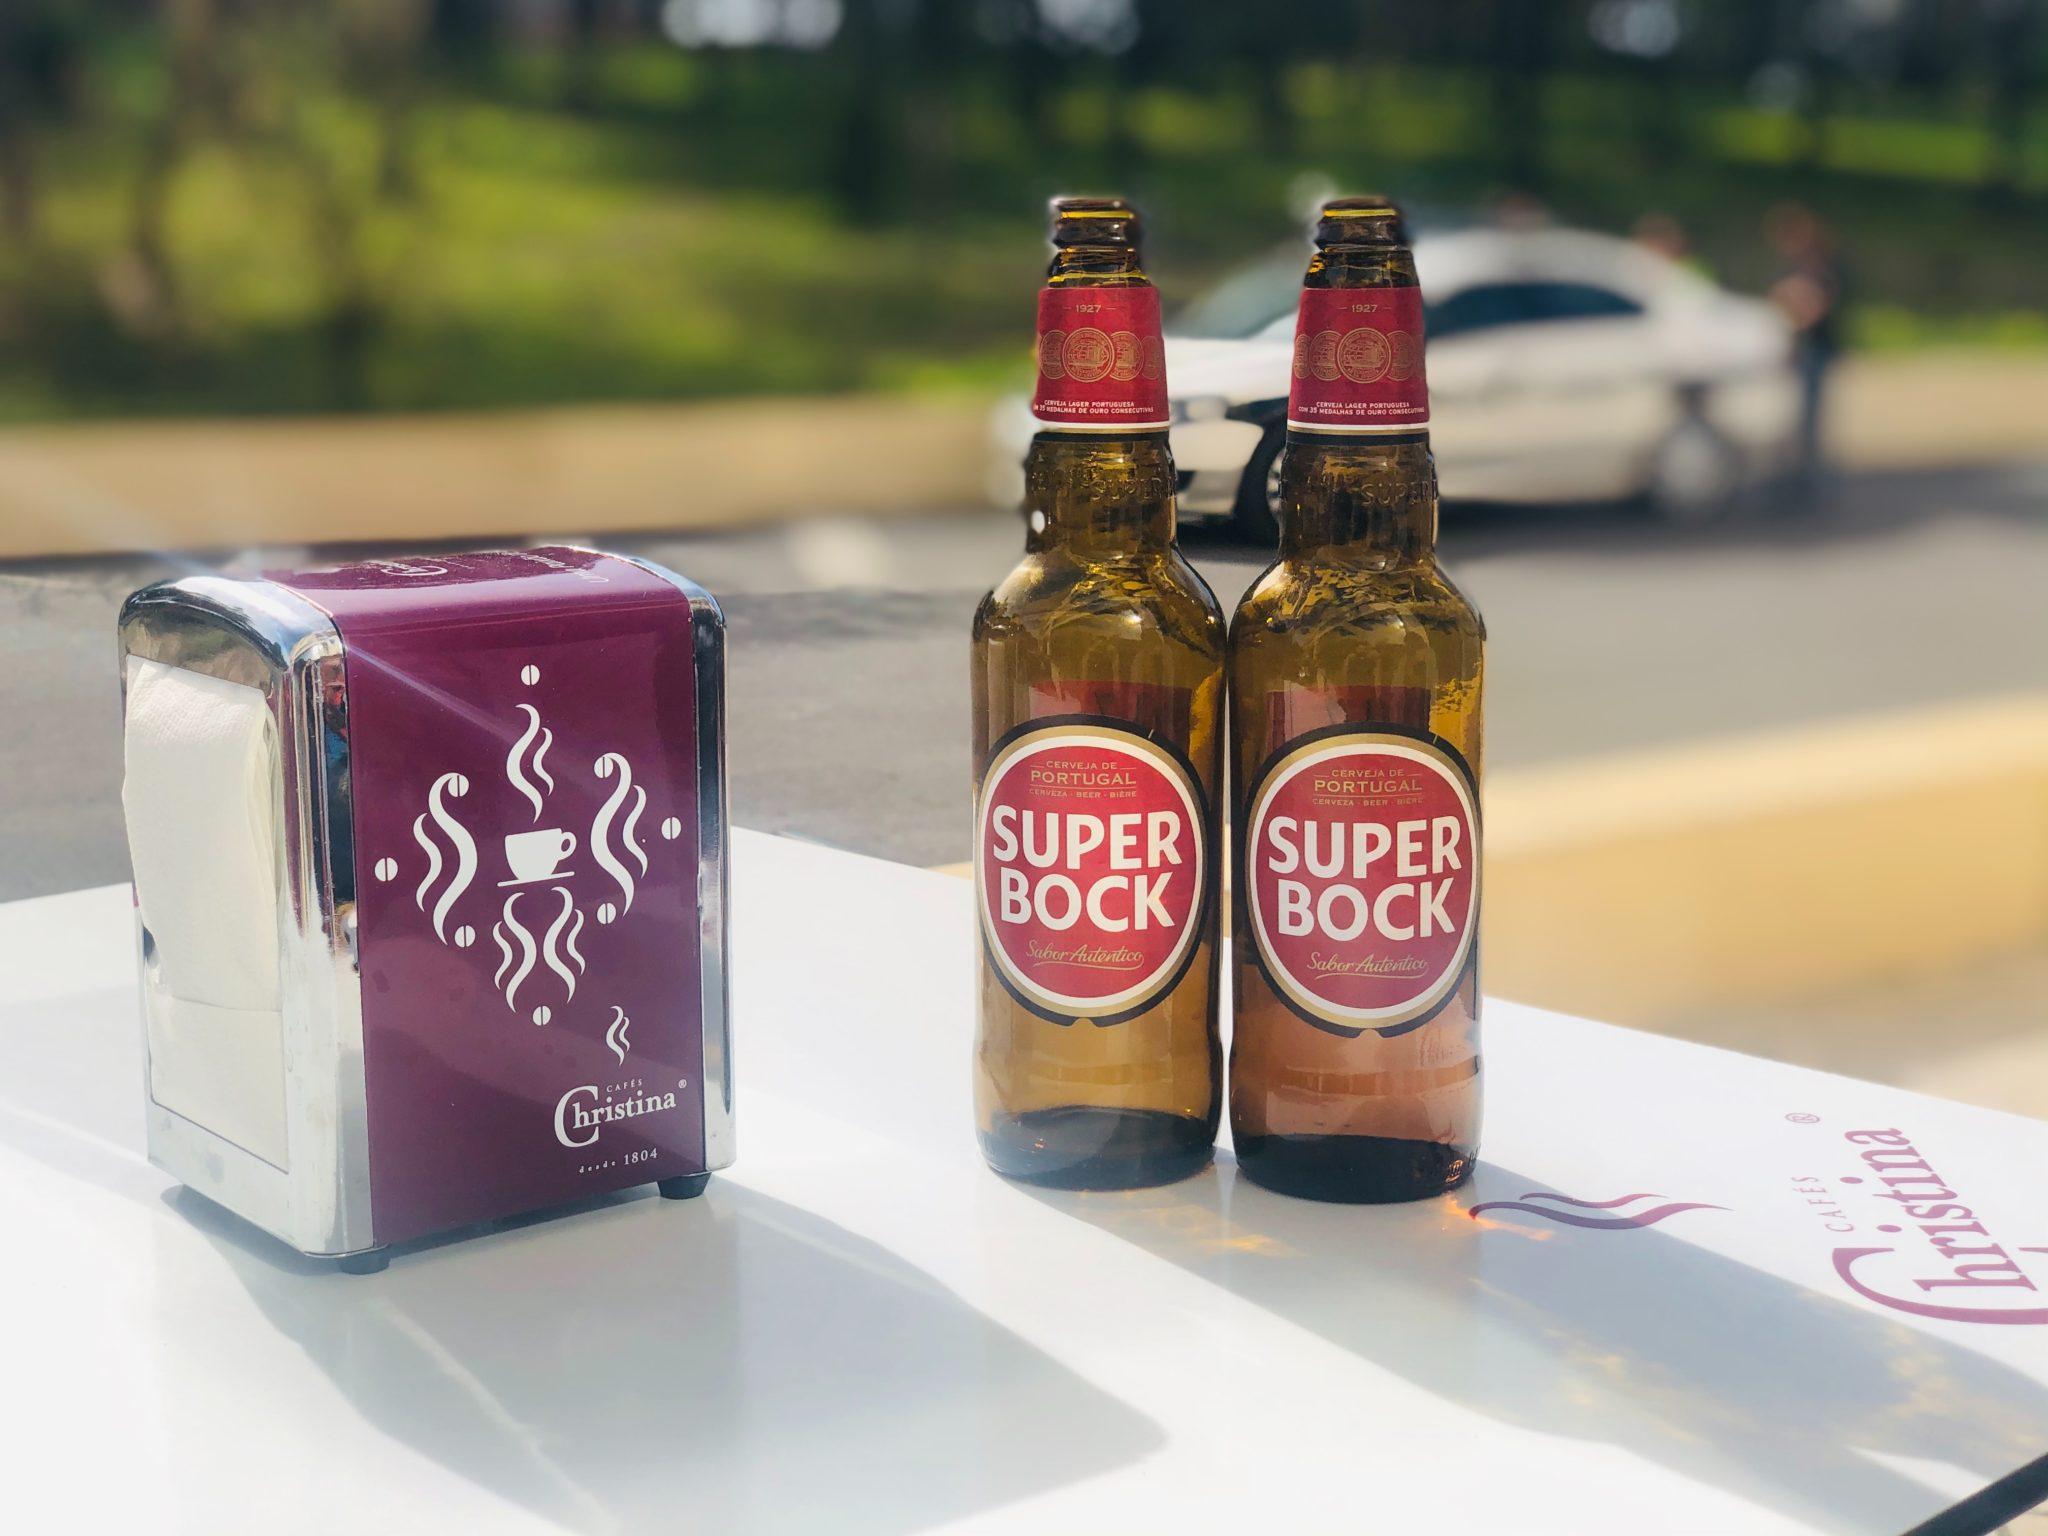 Super Bock la bière portugaise